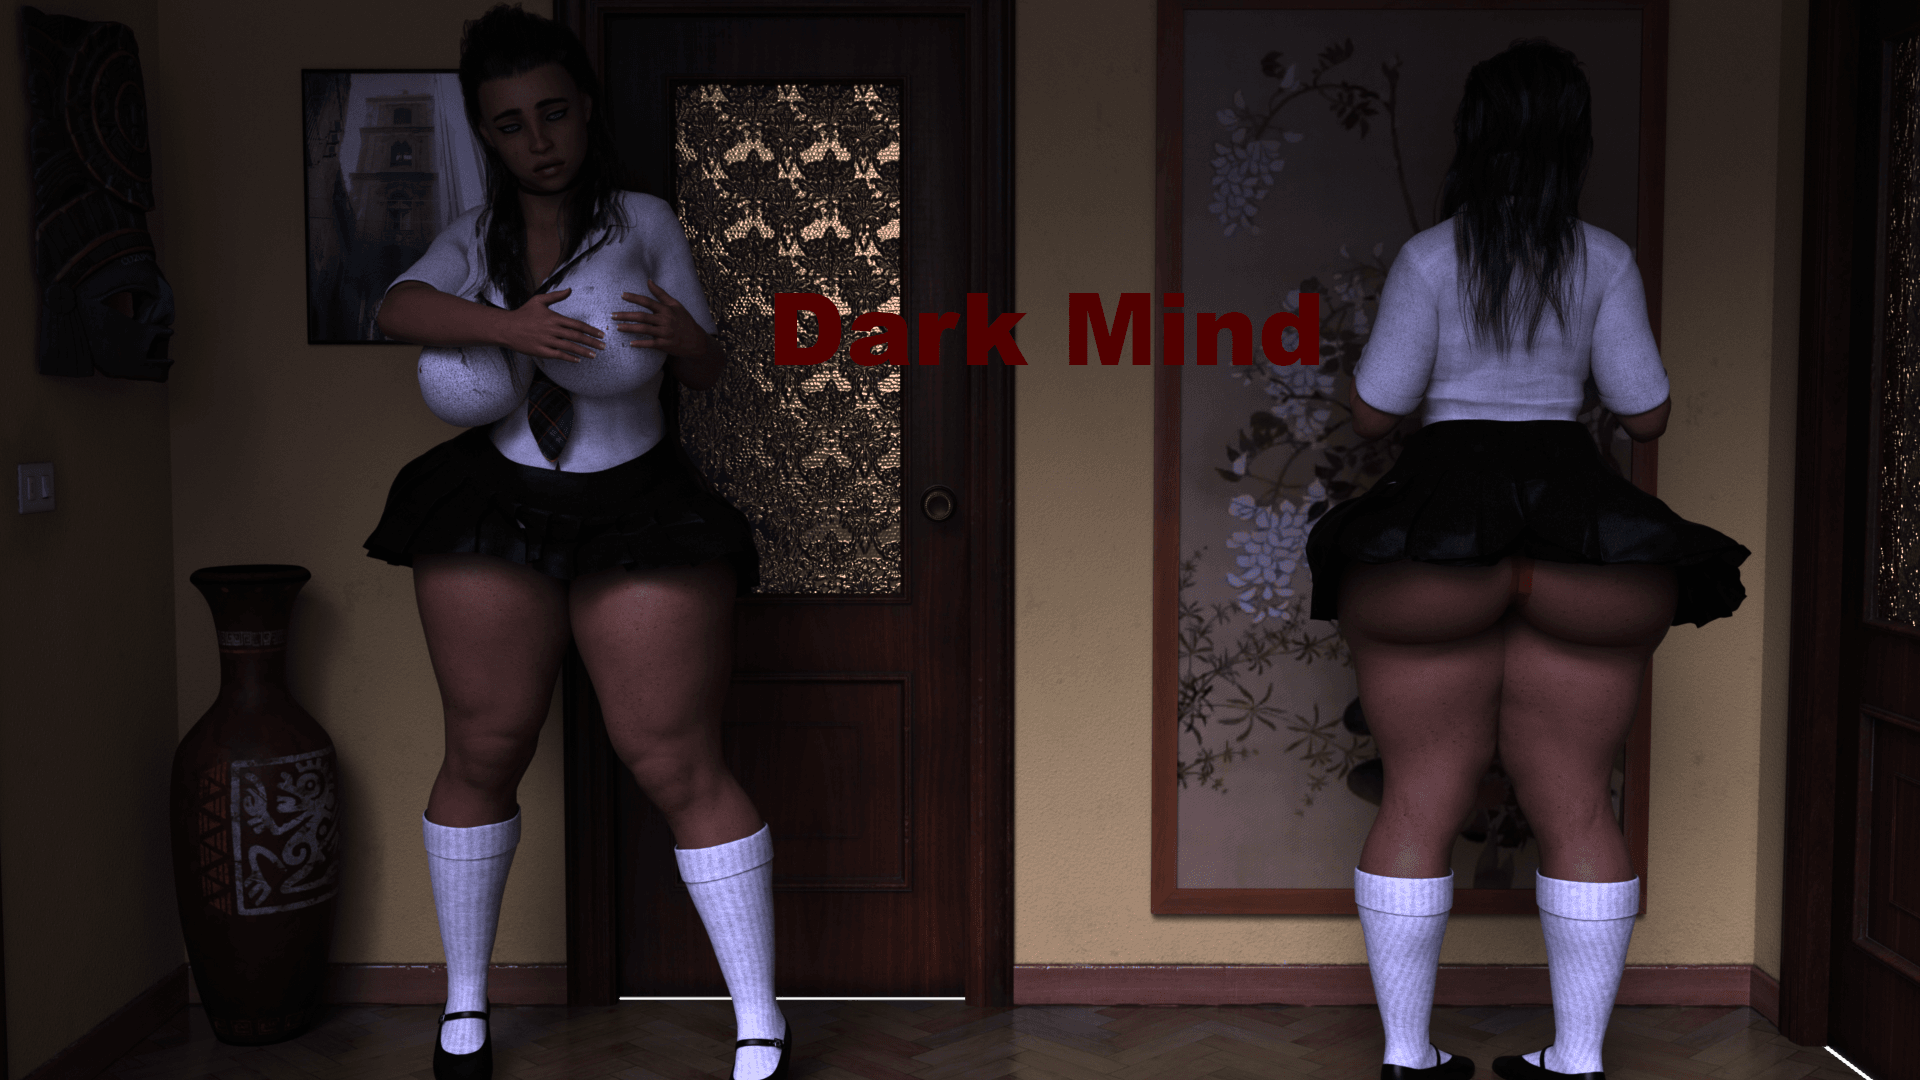 Dark Mind – Version 0.02 - Free patreon incest porn game 5